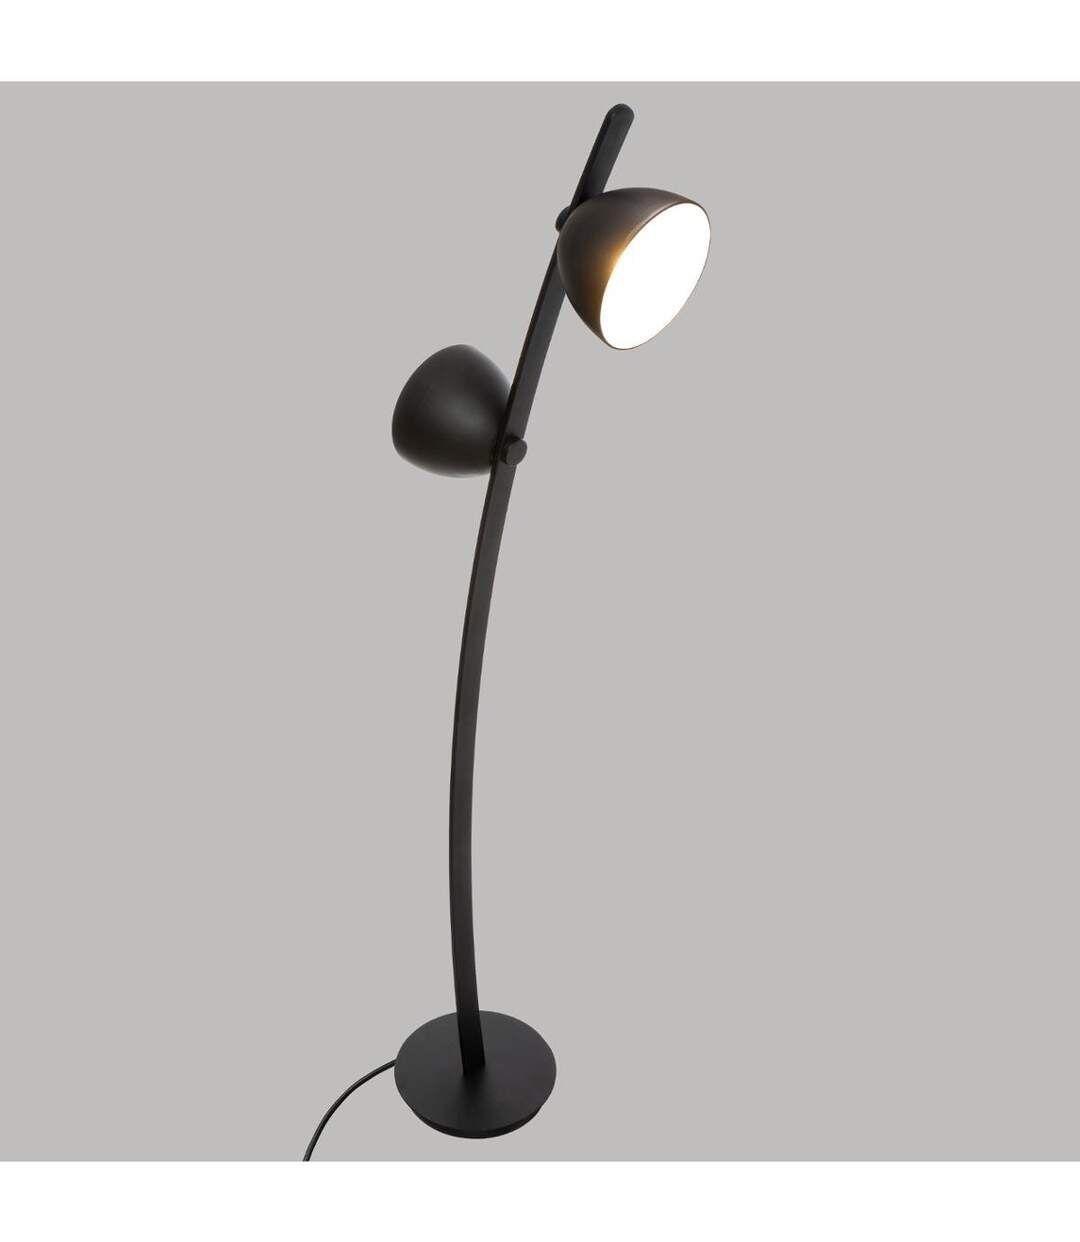 Atmosphera - Lampadaire double éclairage en Métal Noir H 147 cm